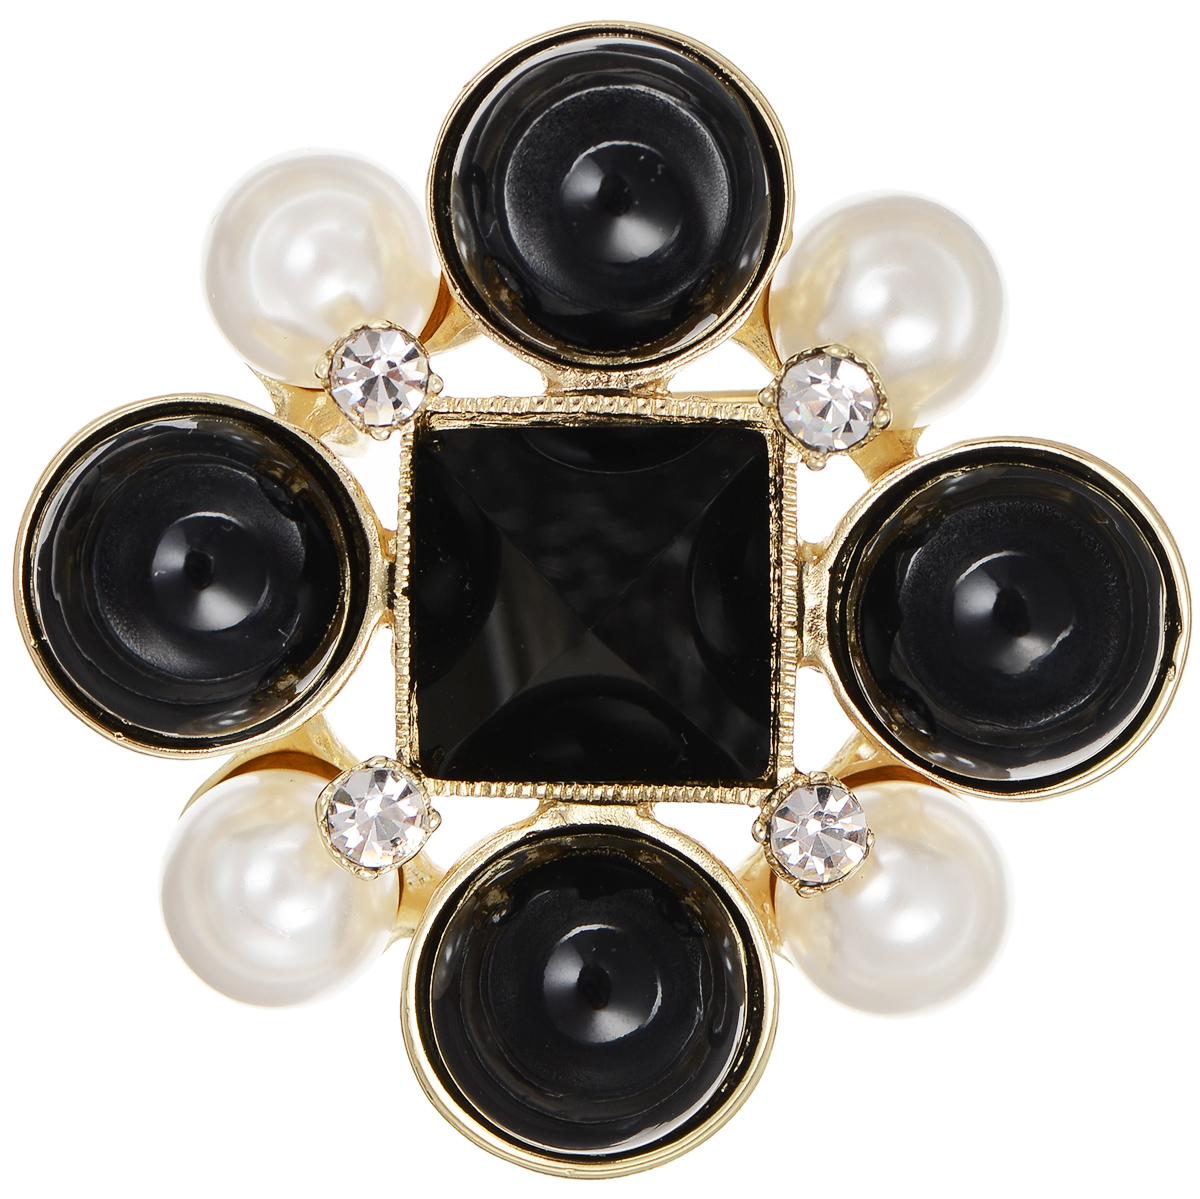 Брошь Selena Audrey, цвет: золотистый, черный, белый. 3002670030026700Оригинальная брошь Selena Audrey выполнена из латуни с гальваническим покрытием из золота и оформлена искусственным жемчугом, стразами и кристаллами Preciosa. Брошь крепится с помощью замка-булавки. Такая брошь позволит вам с легкостью воплотить самую смелую фантазию и создать собственный неповторимый образ.